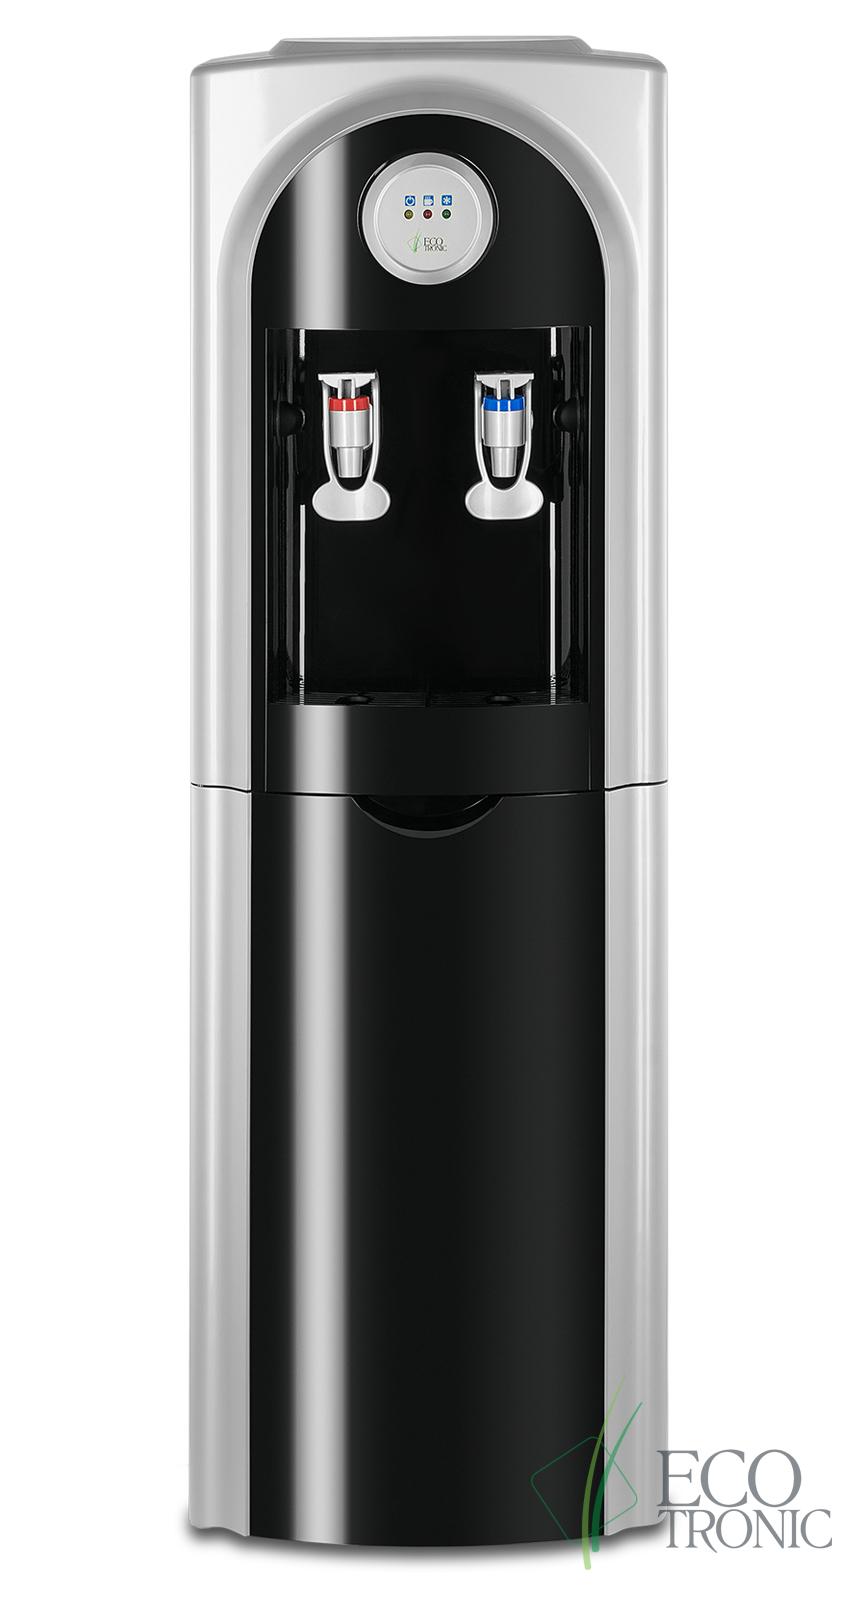 Пурифайер Ecotronic C21-U4L black